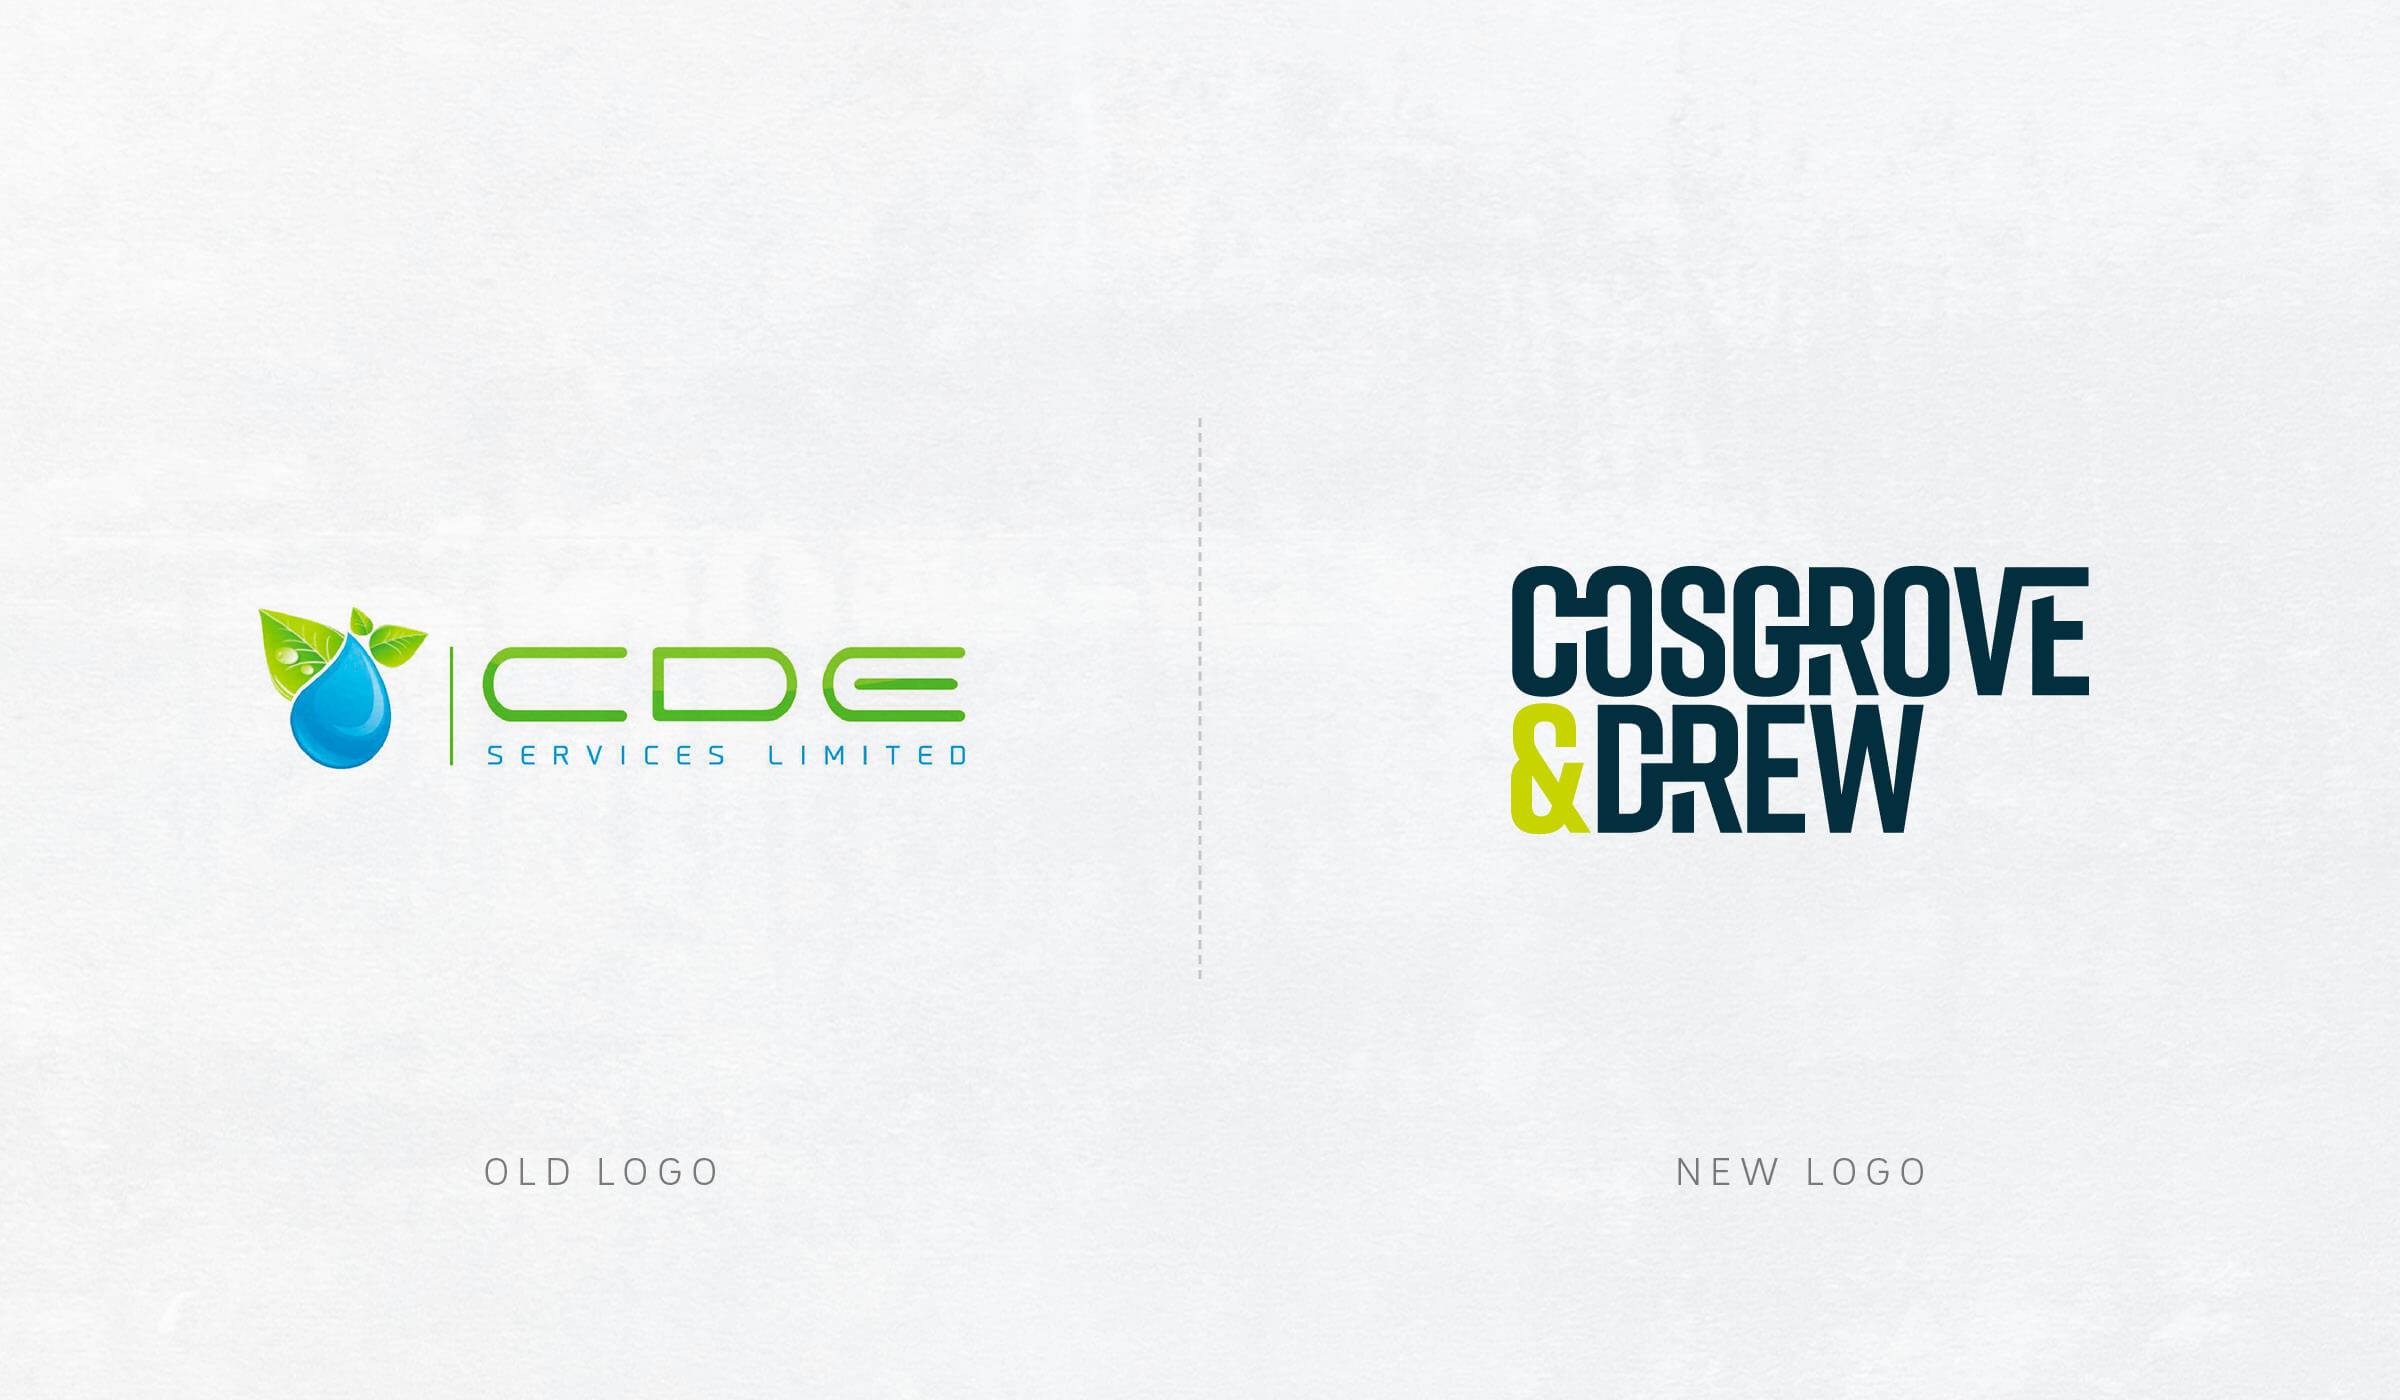 logo design before/after